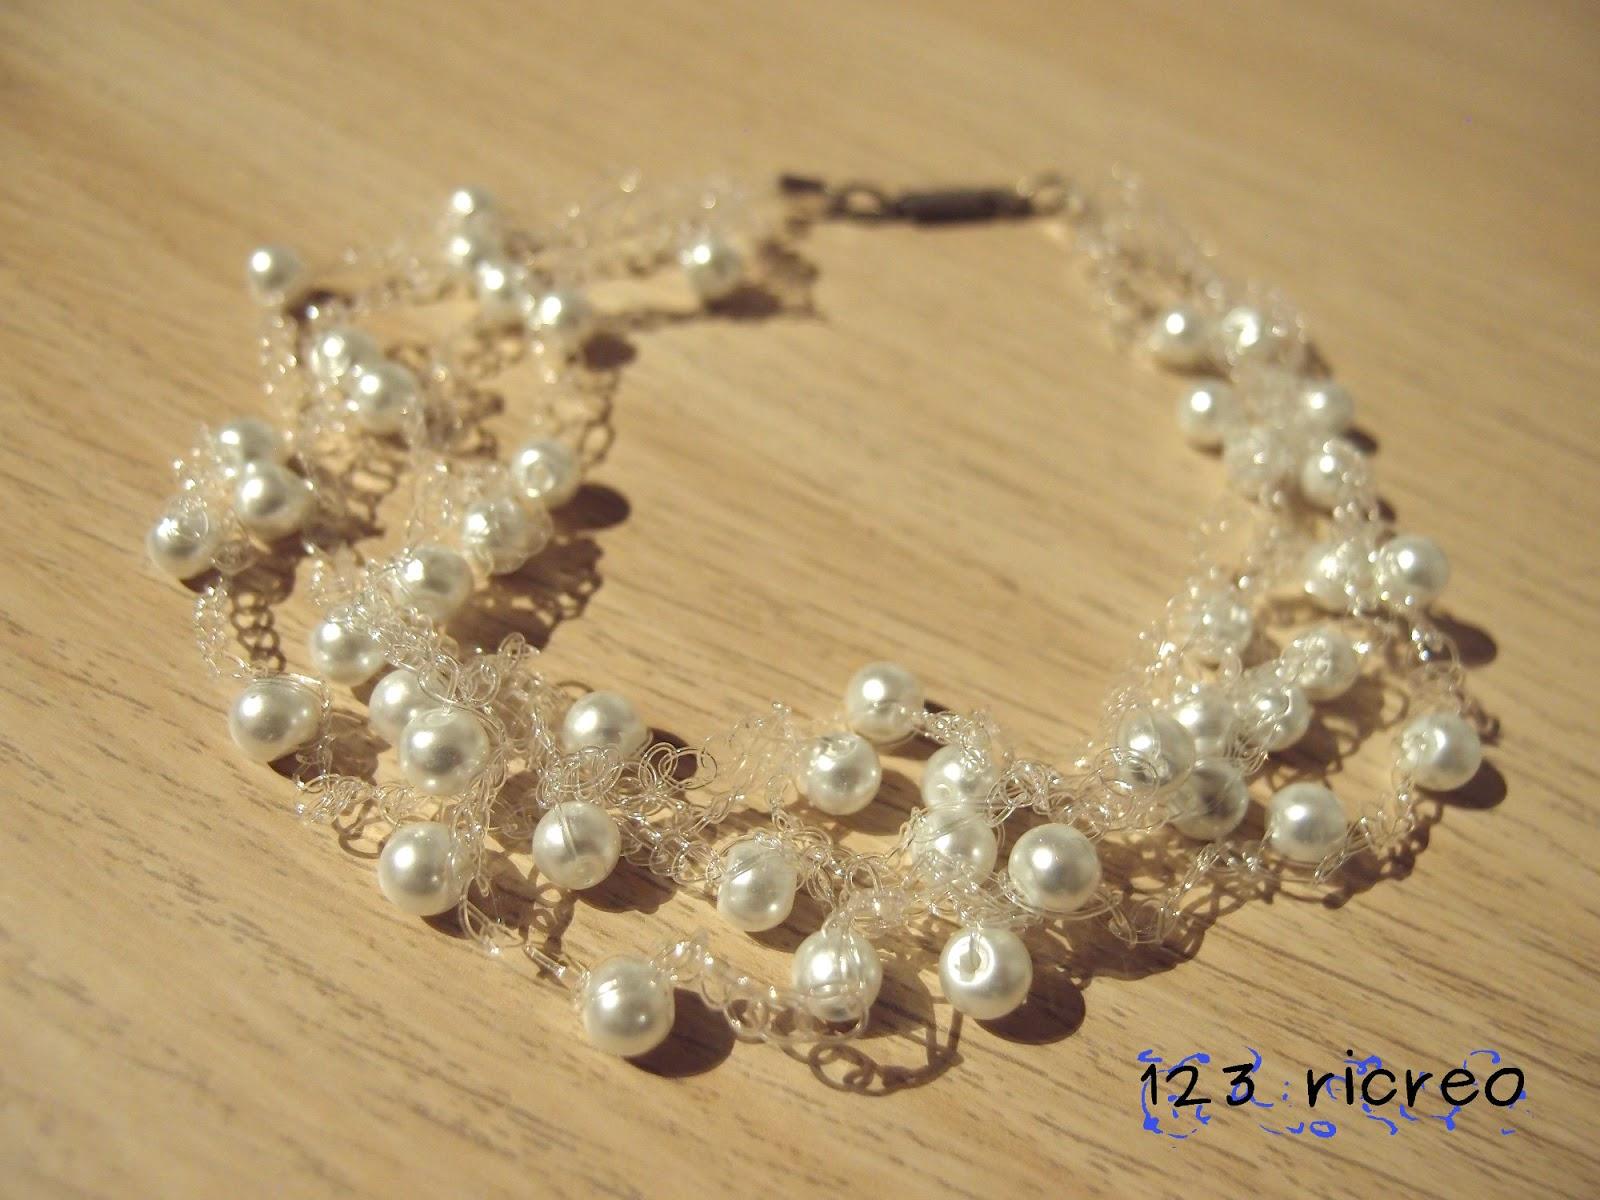 Cucire Con 123ricreo Collana Di Perle Alluncinetto